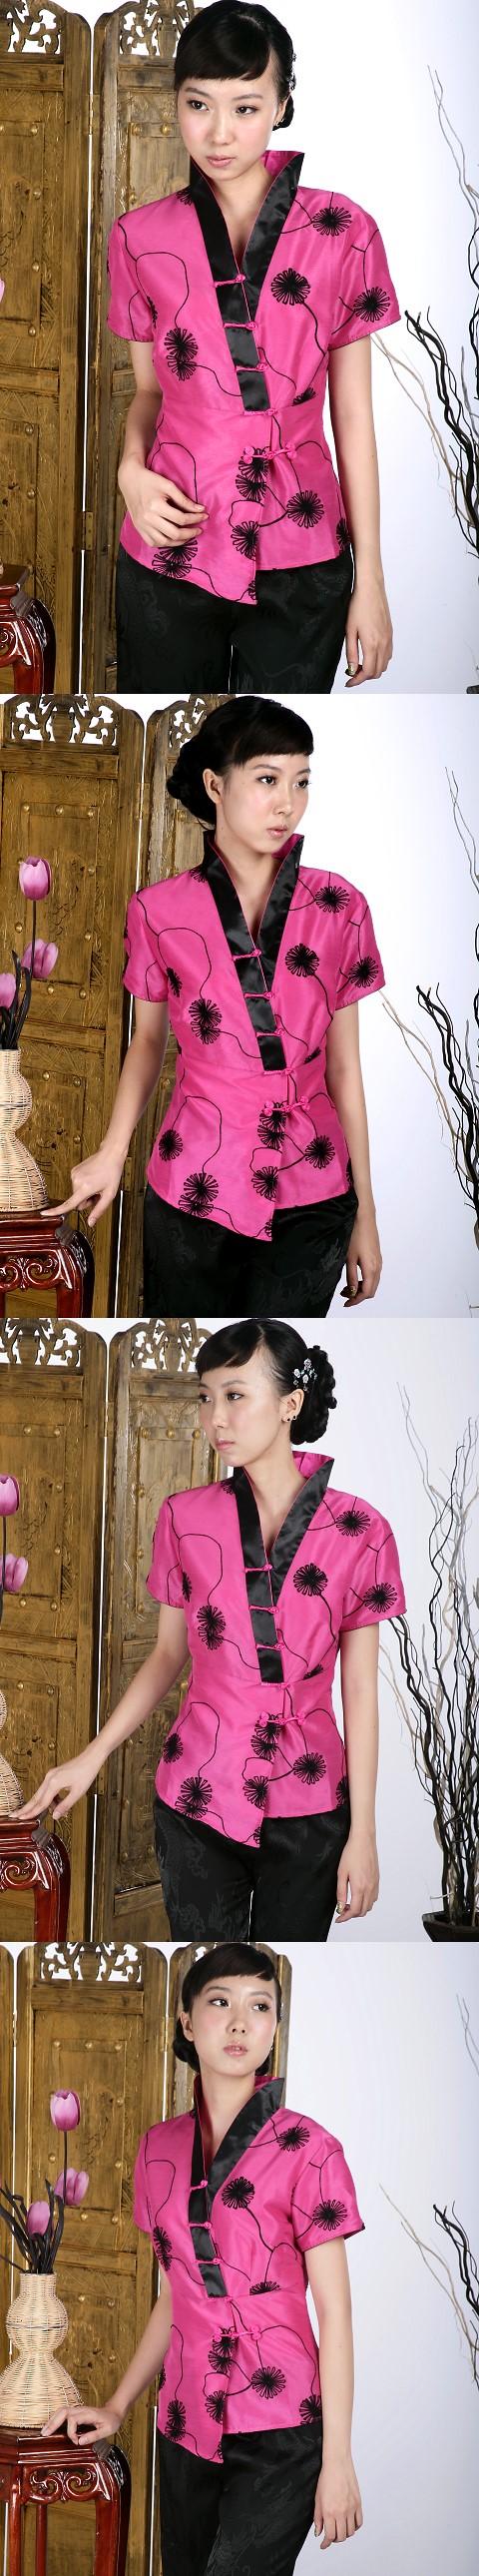 浮雕繡花漢服領中式短袖上衣(玫紅)